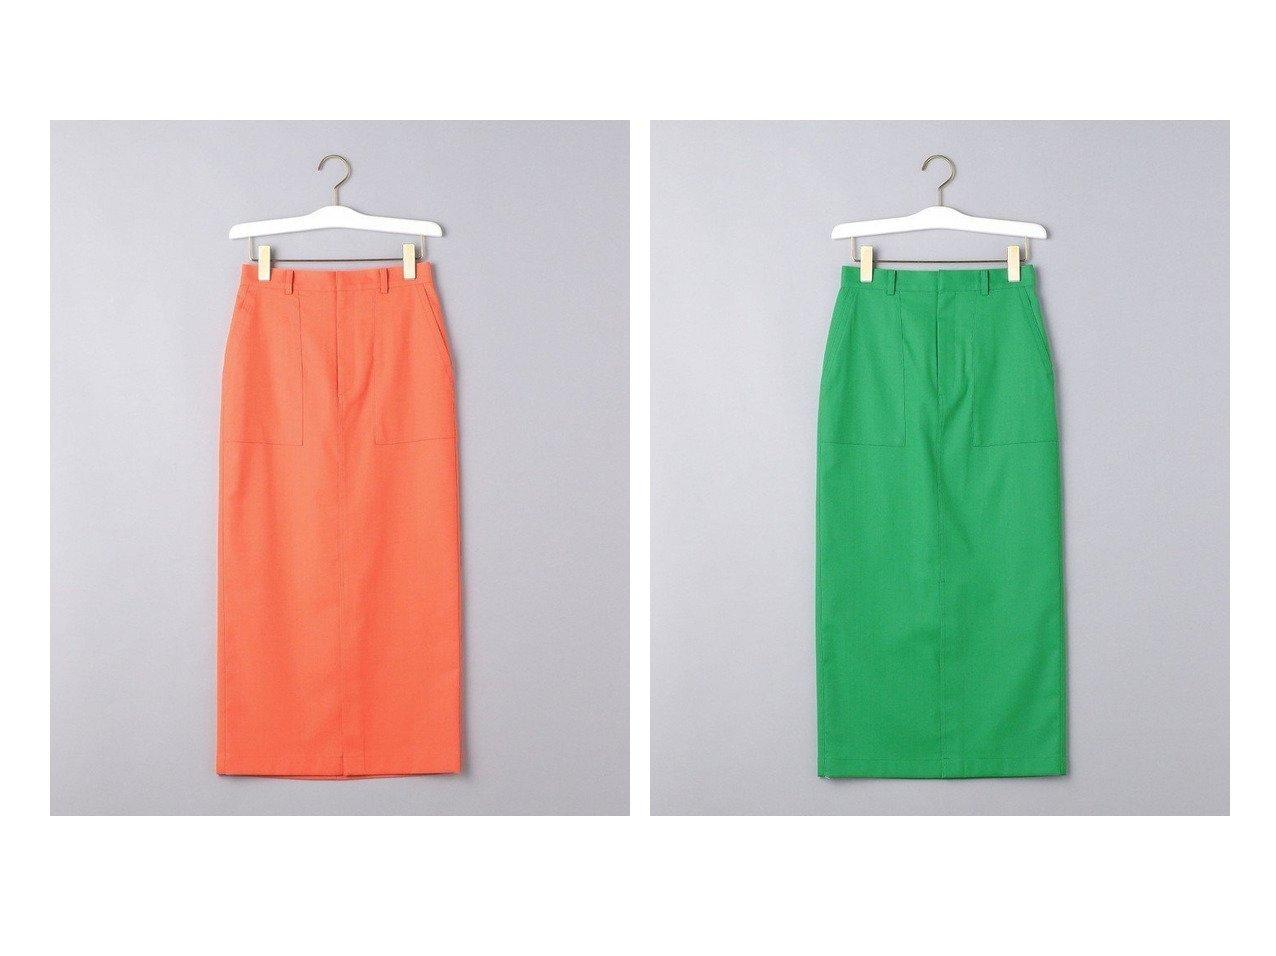 【UNITED ARROWS/ユナイテッドアローズ】のUWSC ポケット タイトスカート 【スカート】おすすめ!人気、トレンド・レディースファッションの通販 おすすめで人気の流行・トレンド、ファッションの通販商品 インテリア・家具・メンズファッション・キッズファッション・レディースファッション・服の通販 founy(ファニー) https://founy.com/ ファッション Fashion レディースファッション WOMEN スカート Skirt おすすめ Recommend サンダル スニーカー スリット タイトスカート パッチ フィット ポケット |ID:crp329100000044074